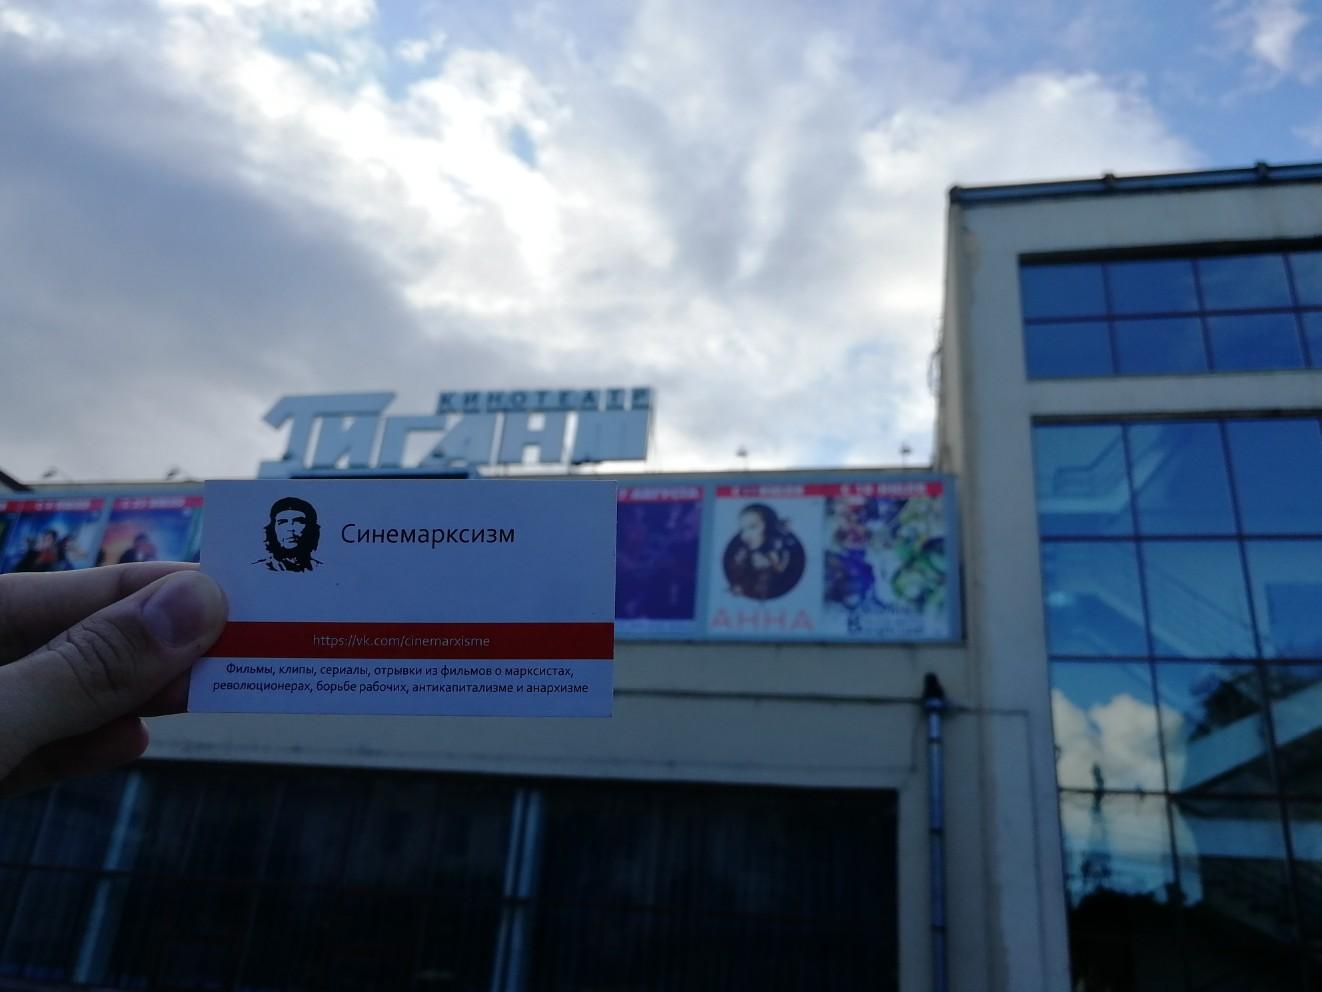 Путешествие визитки - Хабаровск